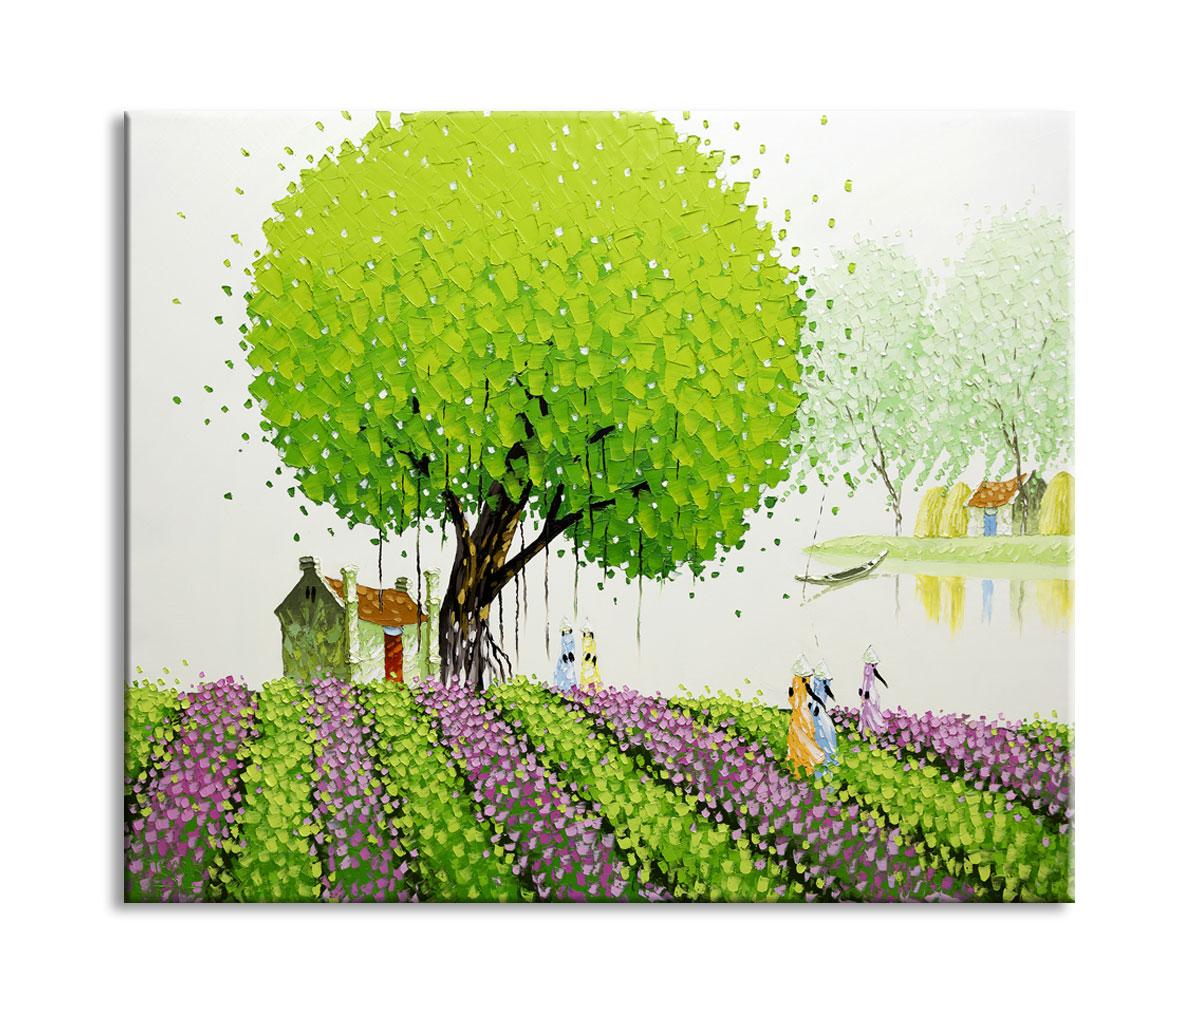 Картина Дорога к домуКартины<br>Авторская копия картины вьетнамской художницы Phan Thu Trang в технике жекле&amp;lt;div&amp;gt;&amp;lt;br&amp;gt;&amp;lt;/div&amp;gt;&amp;lt;div&amp;gt;Материал: натуральный холст, деревянный подрамник, лак,итальянский фактурный гель&amp;lt;br&amp;gt;&amp;lt;/div&amp;gt;<br><br>Material: Холст<br>Width см: 42<br>Depth см: 3<br>Height см: 35